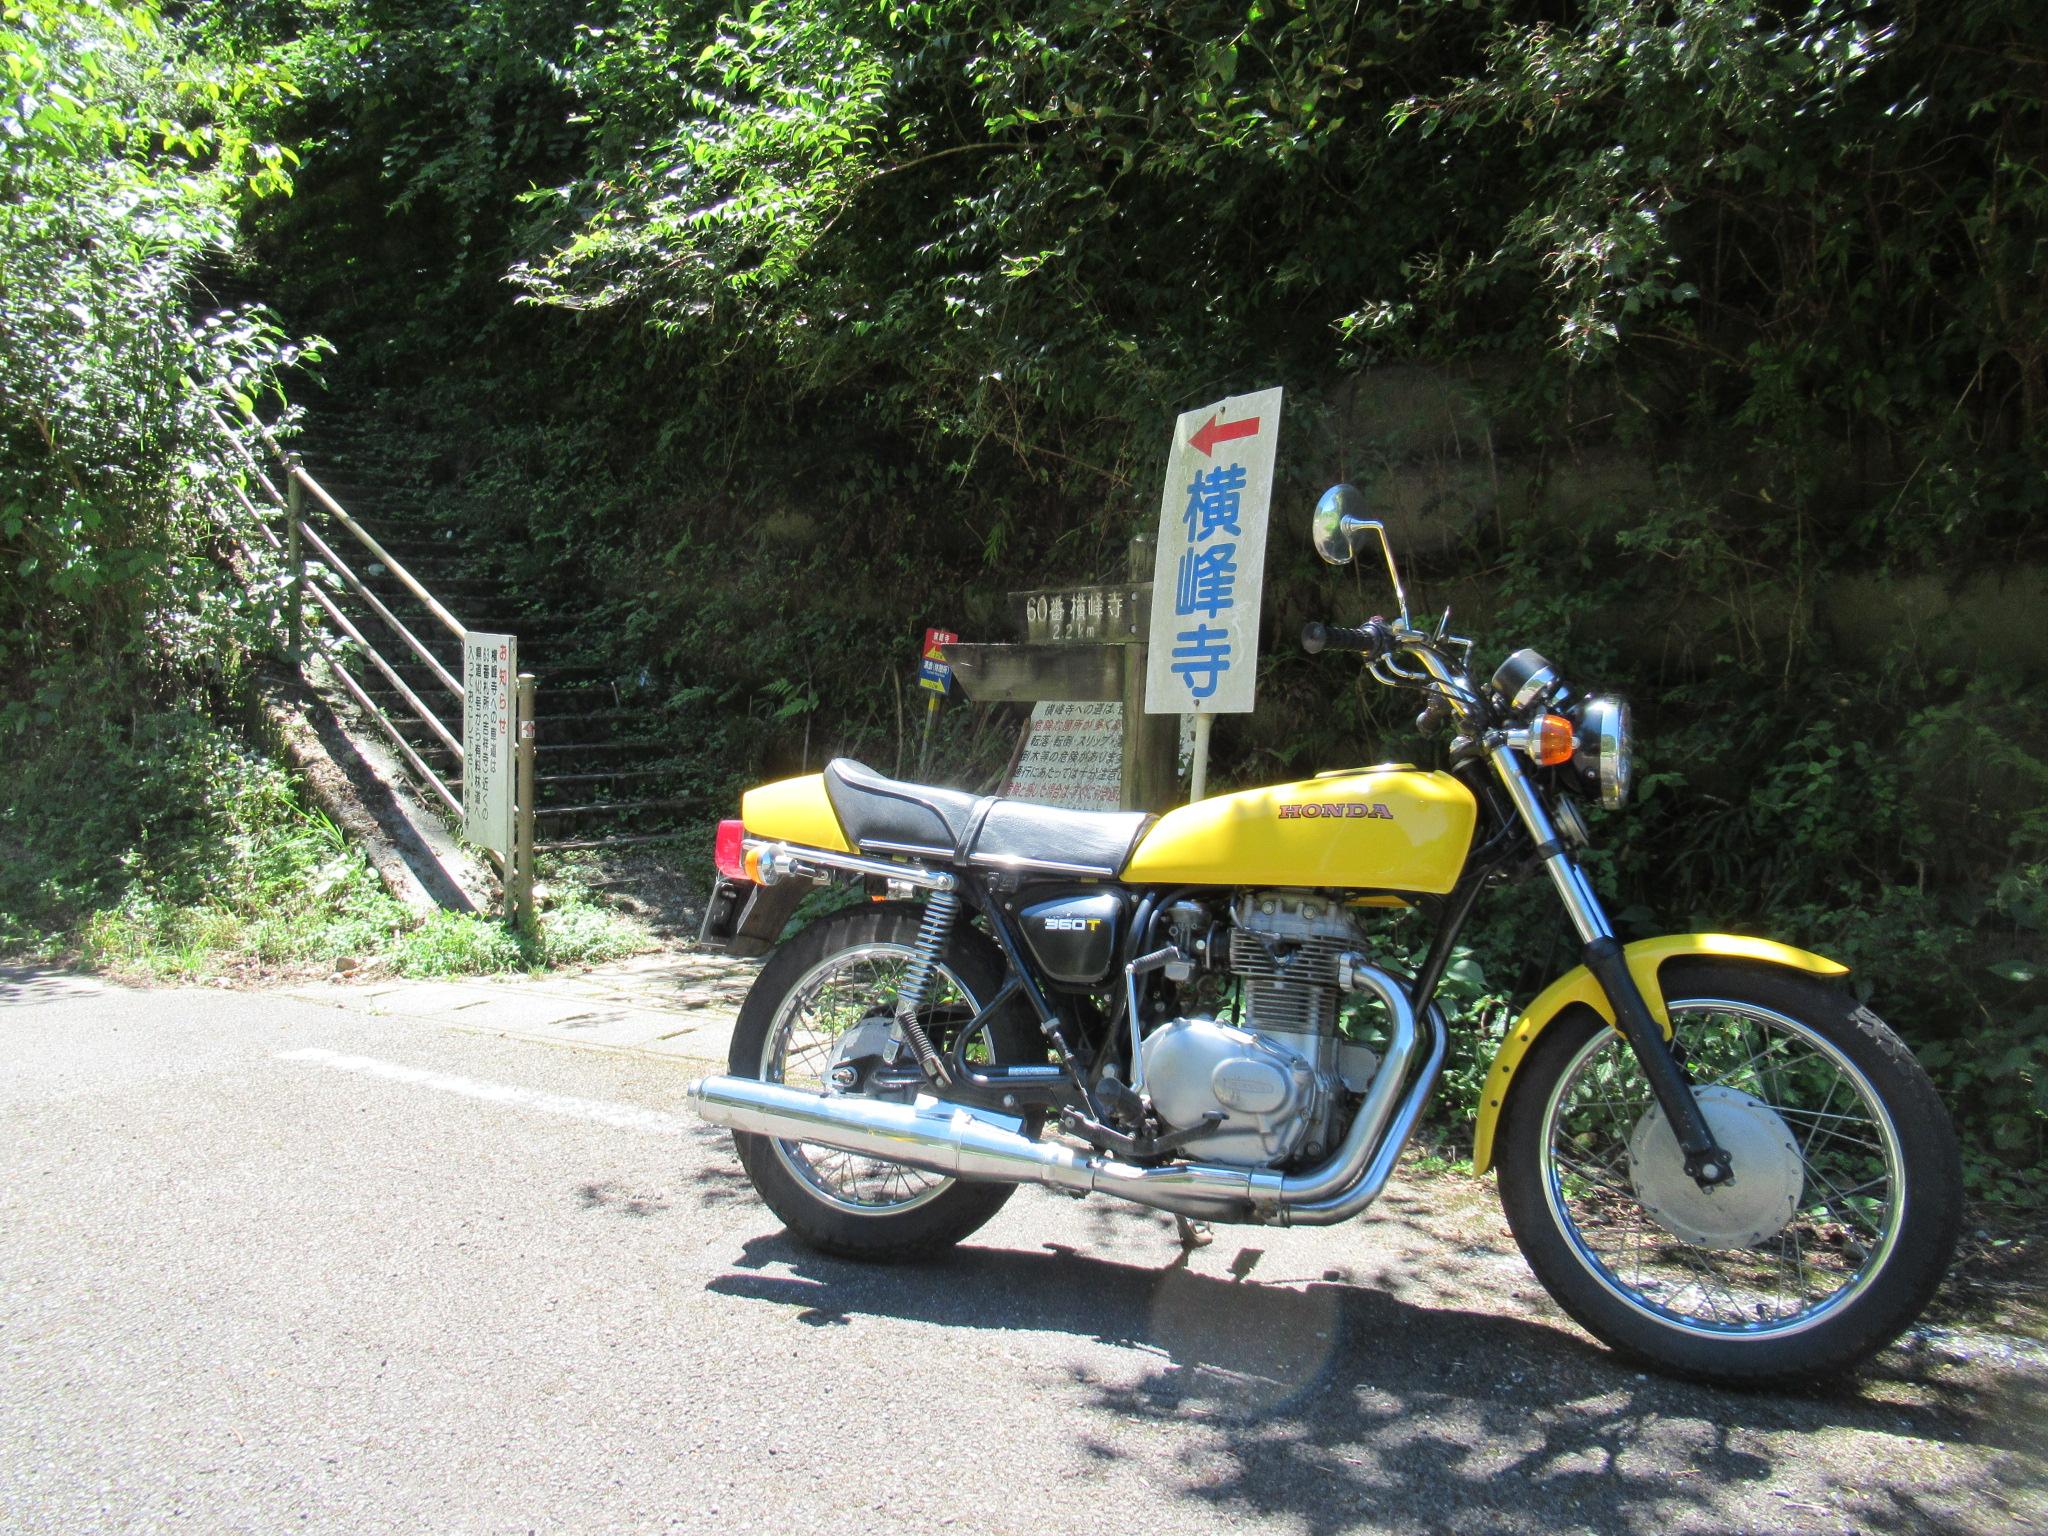 http://www.precious-factory.com/preciousfactory2010/IMG_0793.JPG